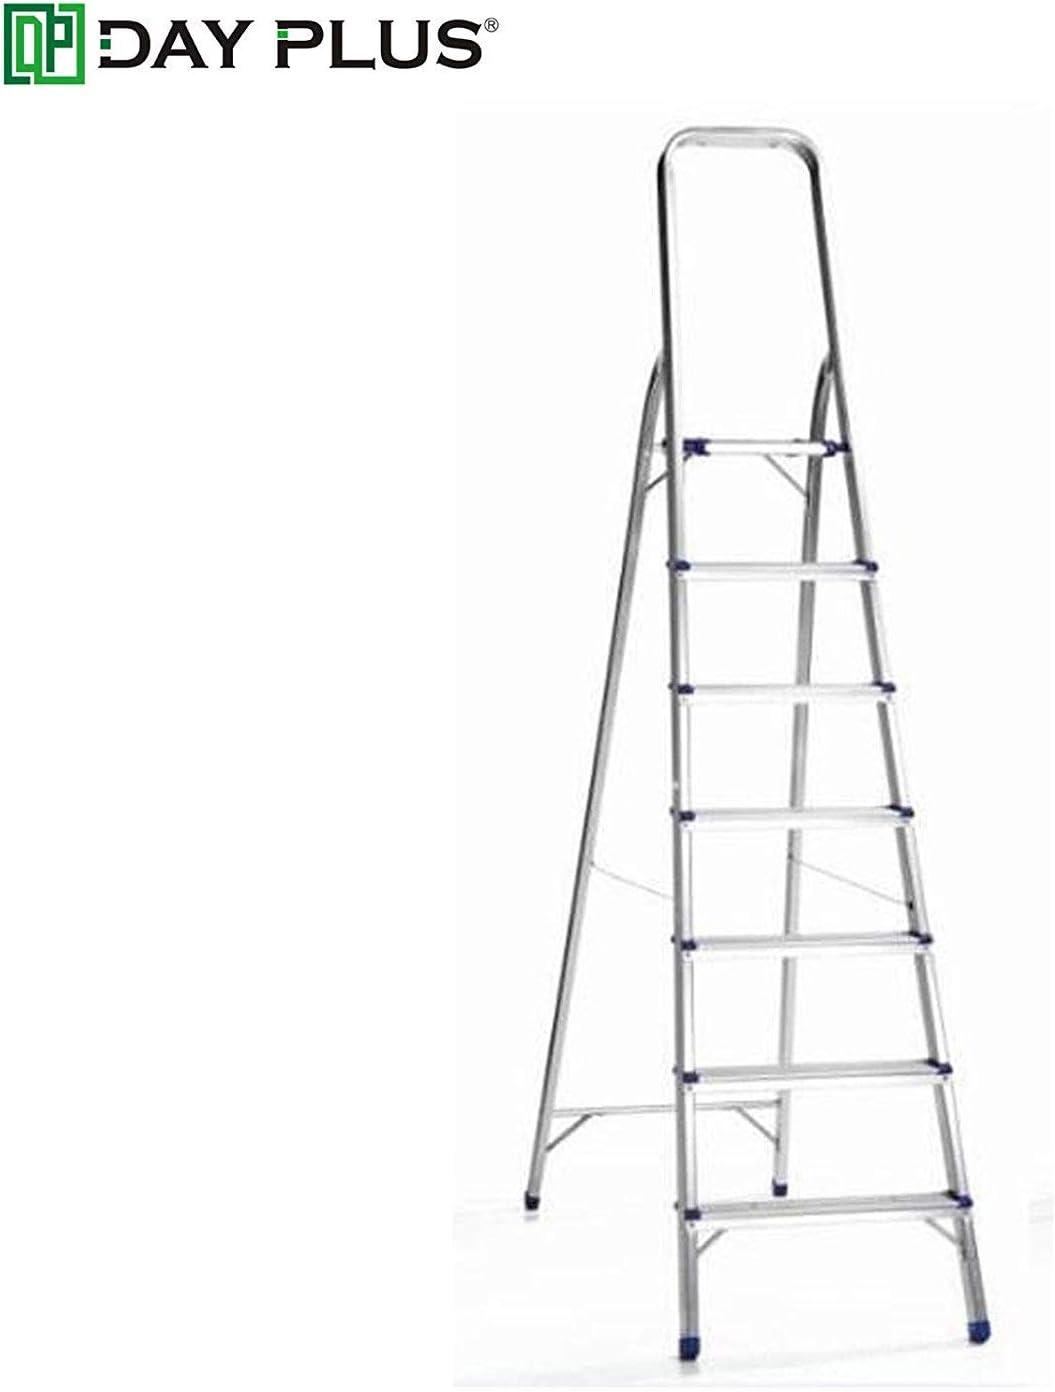 Pieghevole in alluminio Scala telescopica Scala a pioli Multi-Purpose Multi-Function allungabile EN131 Ladder dljyy Color : Iron Step Ladder, Size : 2 step